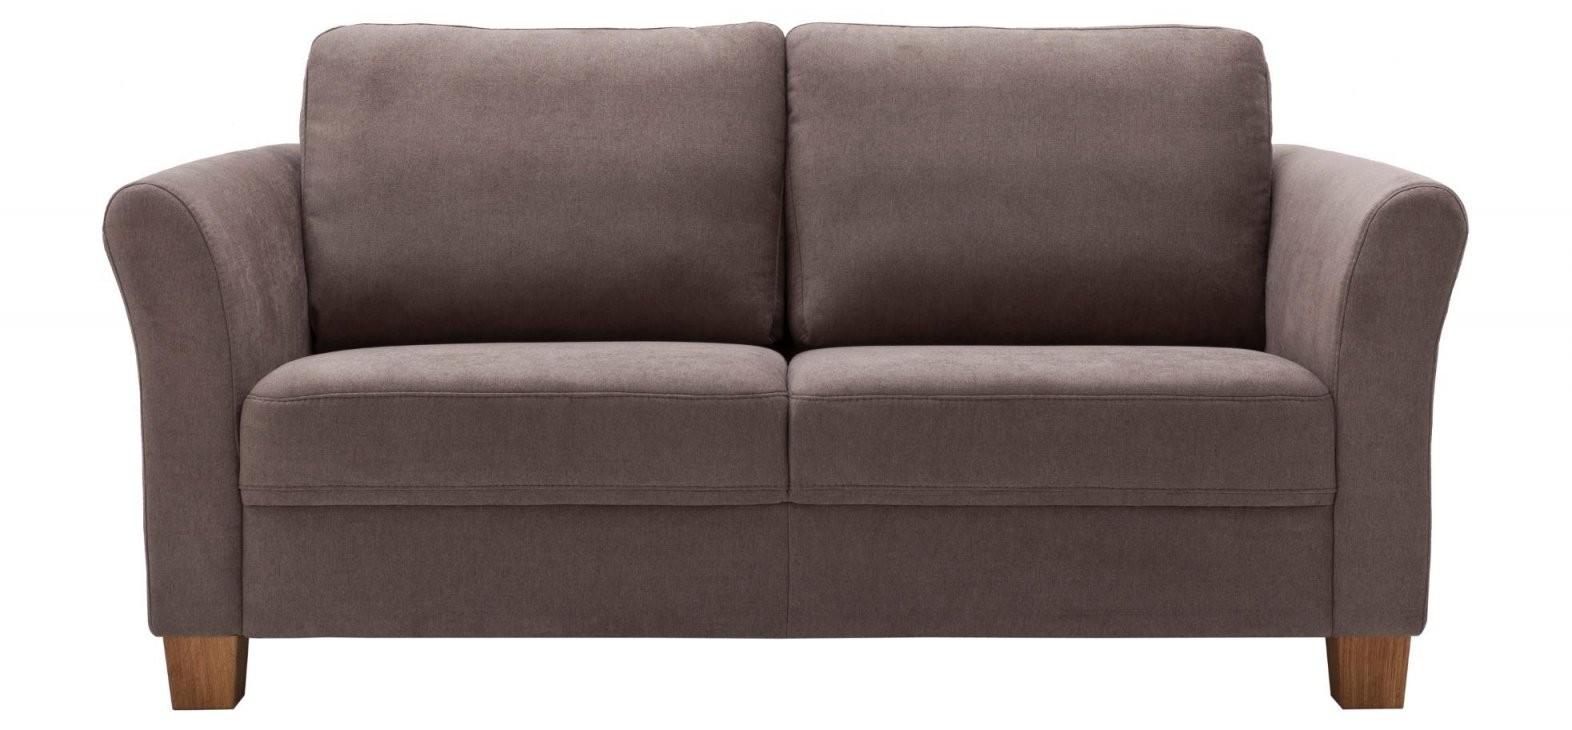 Hochwertige Sofas  Couchen  Möbel Wikinger von Couch Zweisitzer Zum Ausziehen Bild